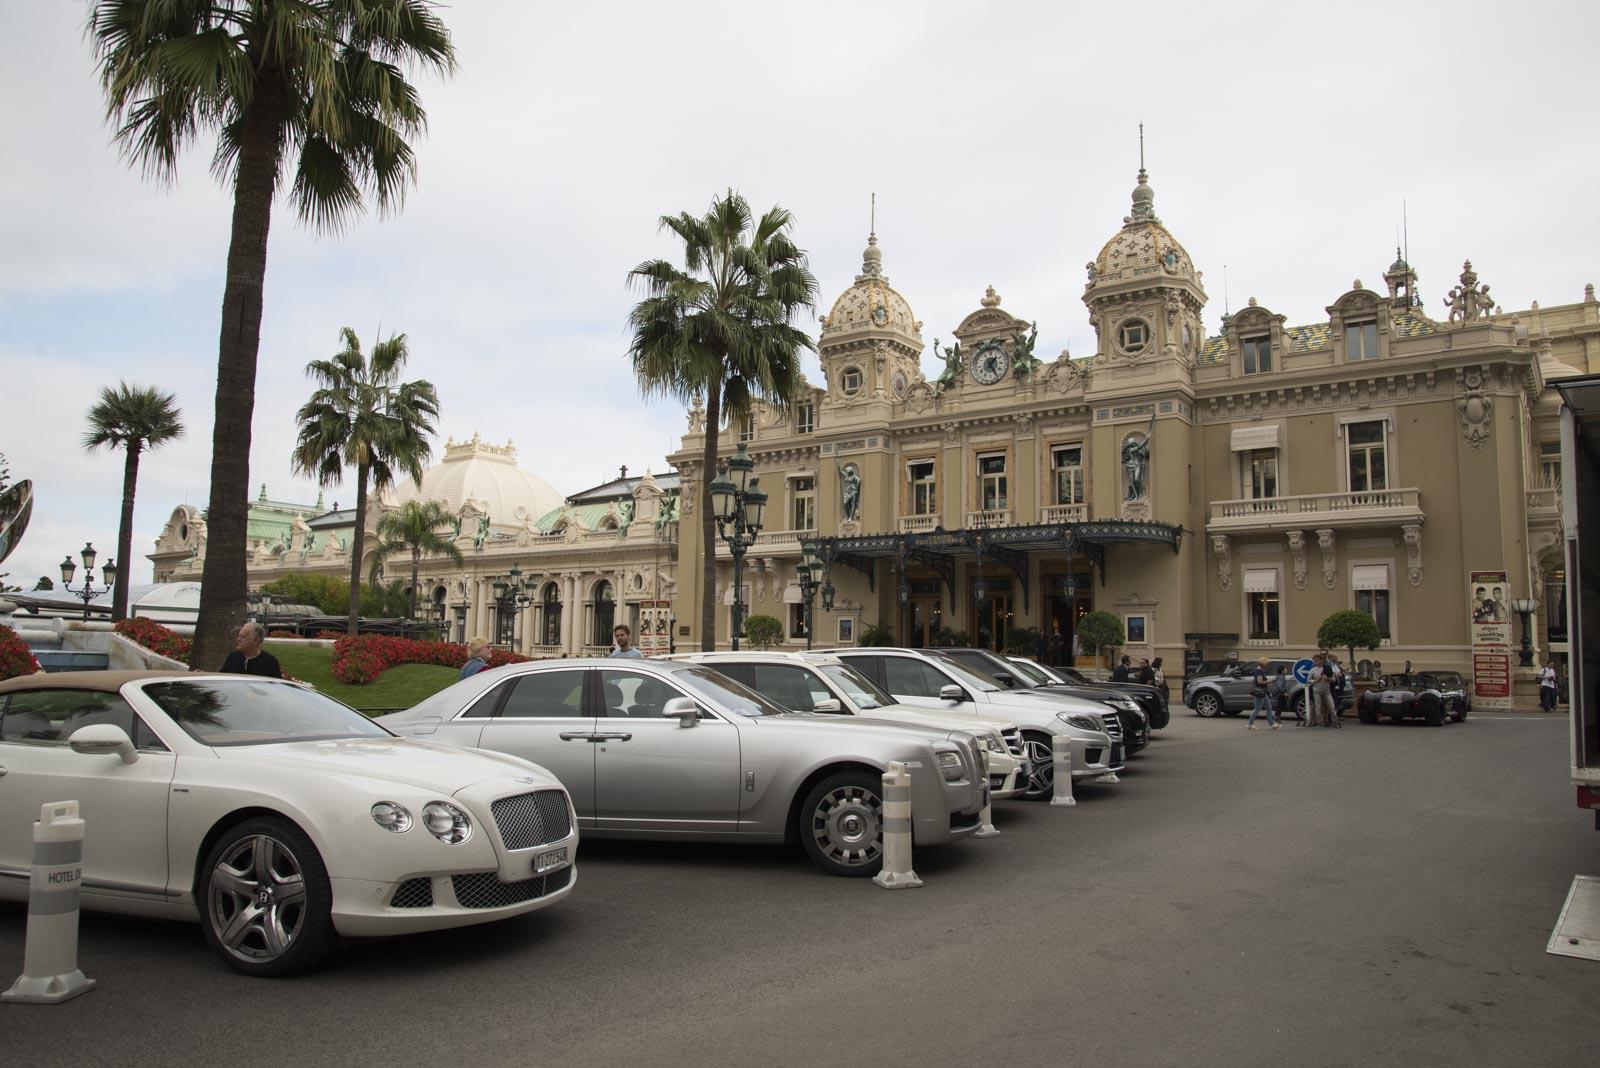 Et lite knippe av bilene foran casinoet